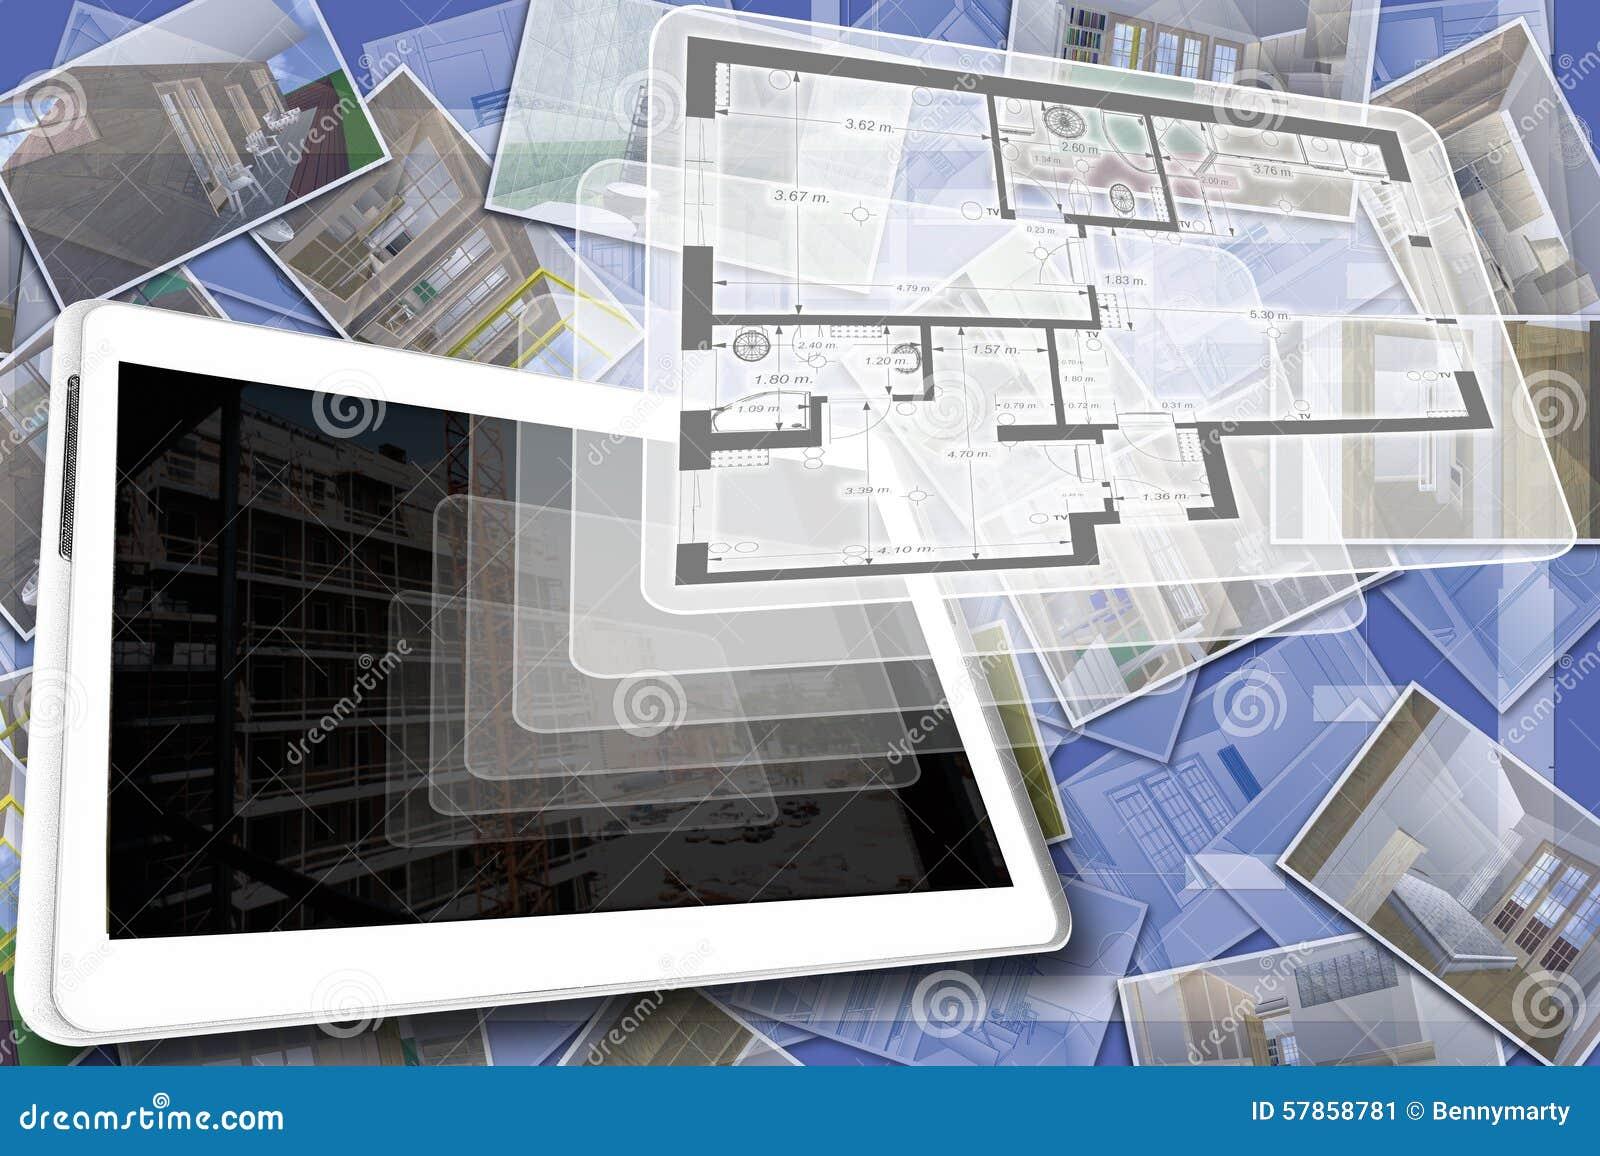 Plan de la casa